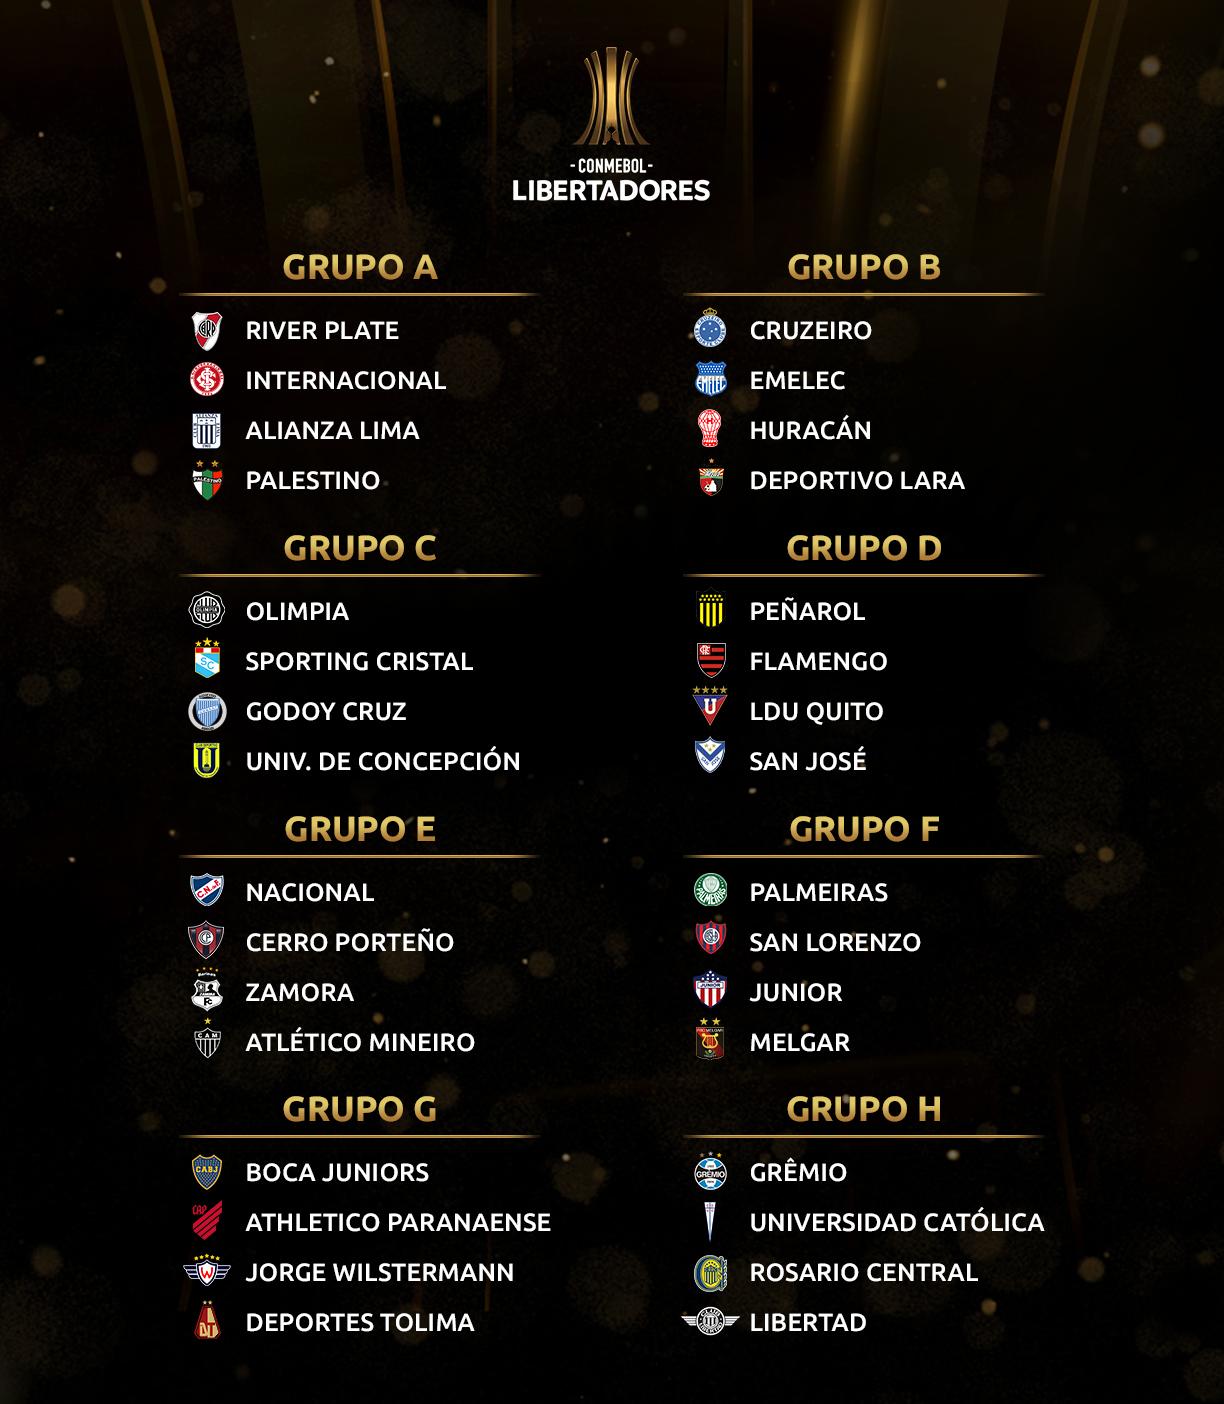 Grupos da Libertadores